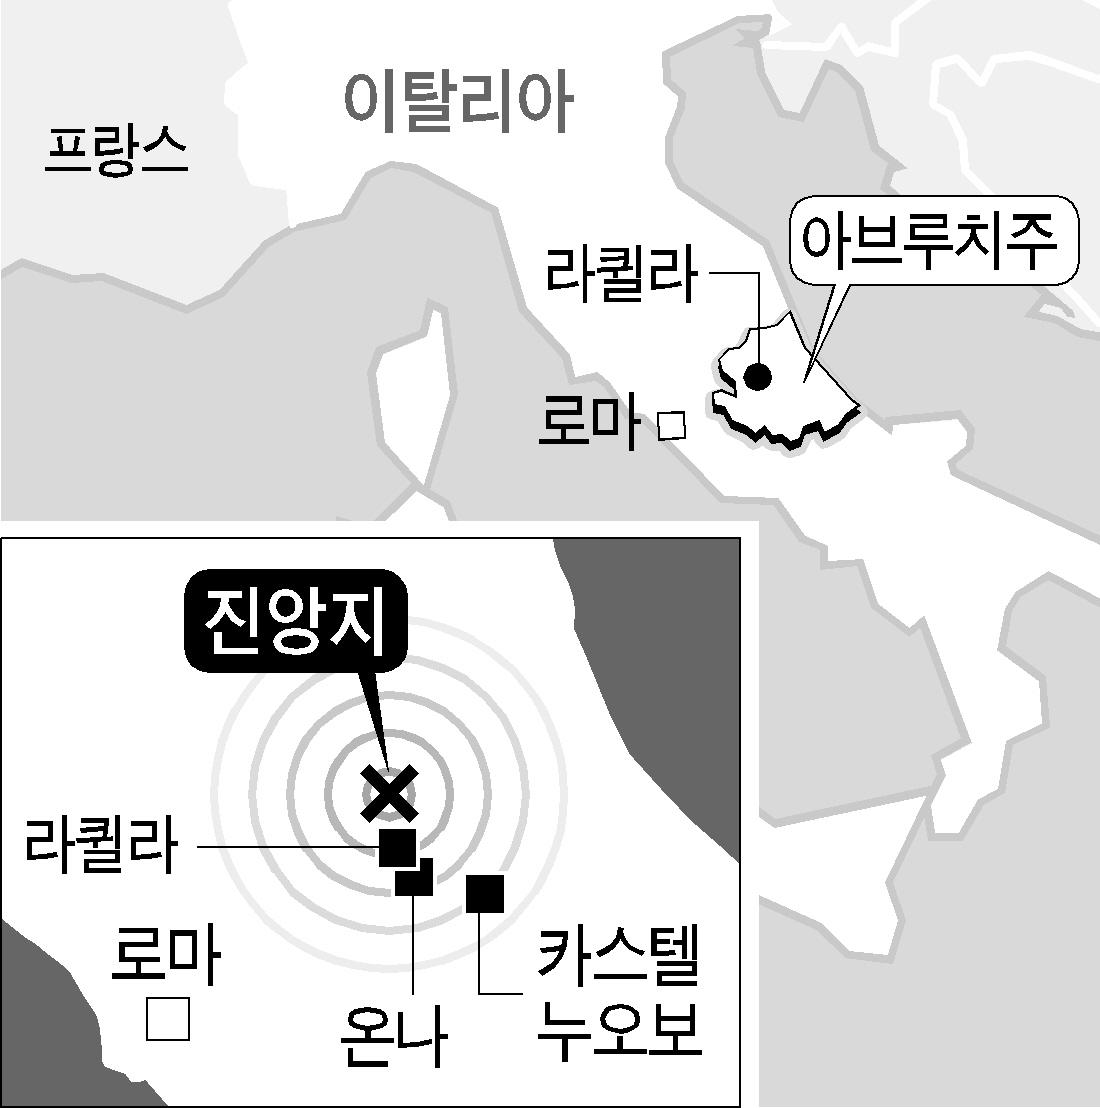 2009년 발생한 이탈리아 라퀼라 지진의 진앙 위치 [중앙포토]